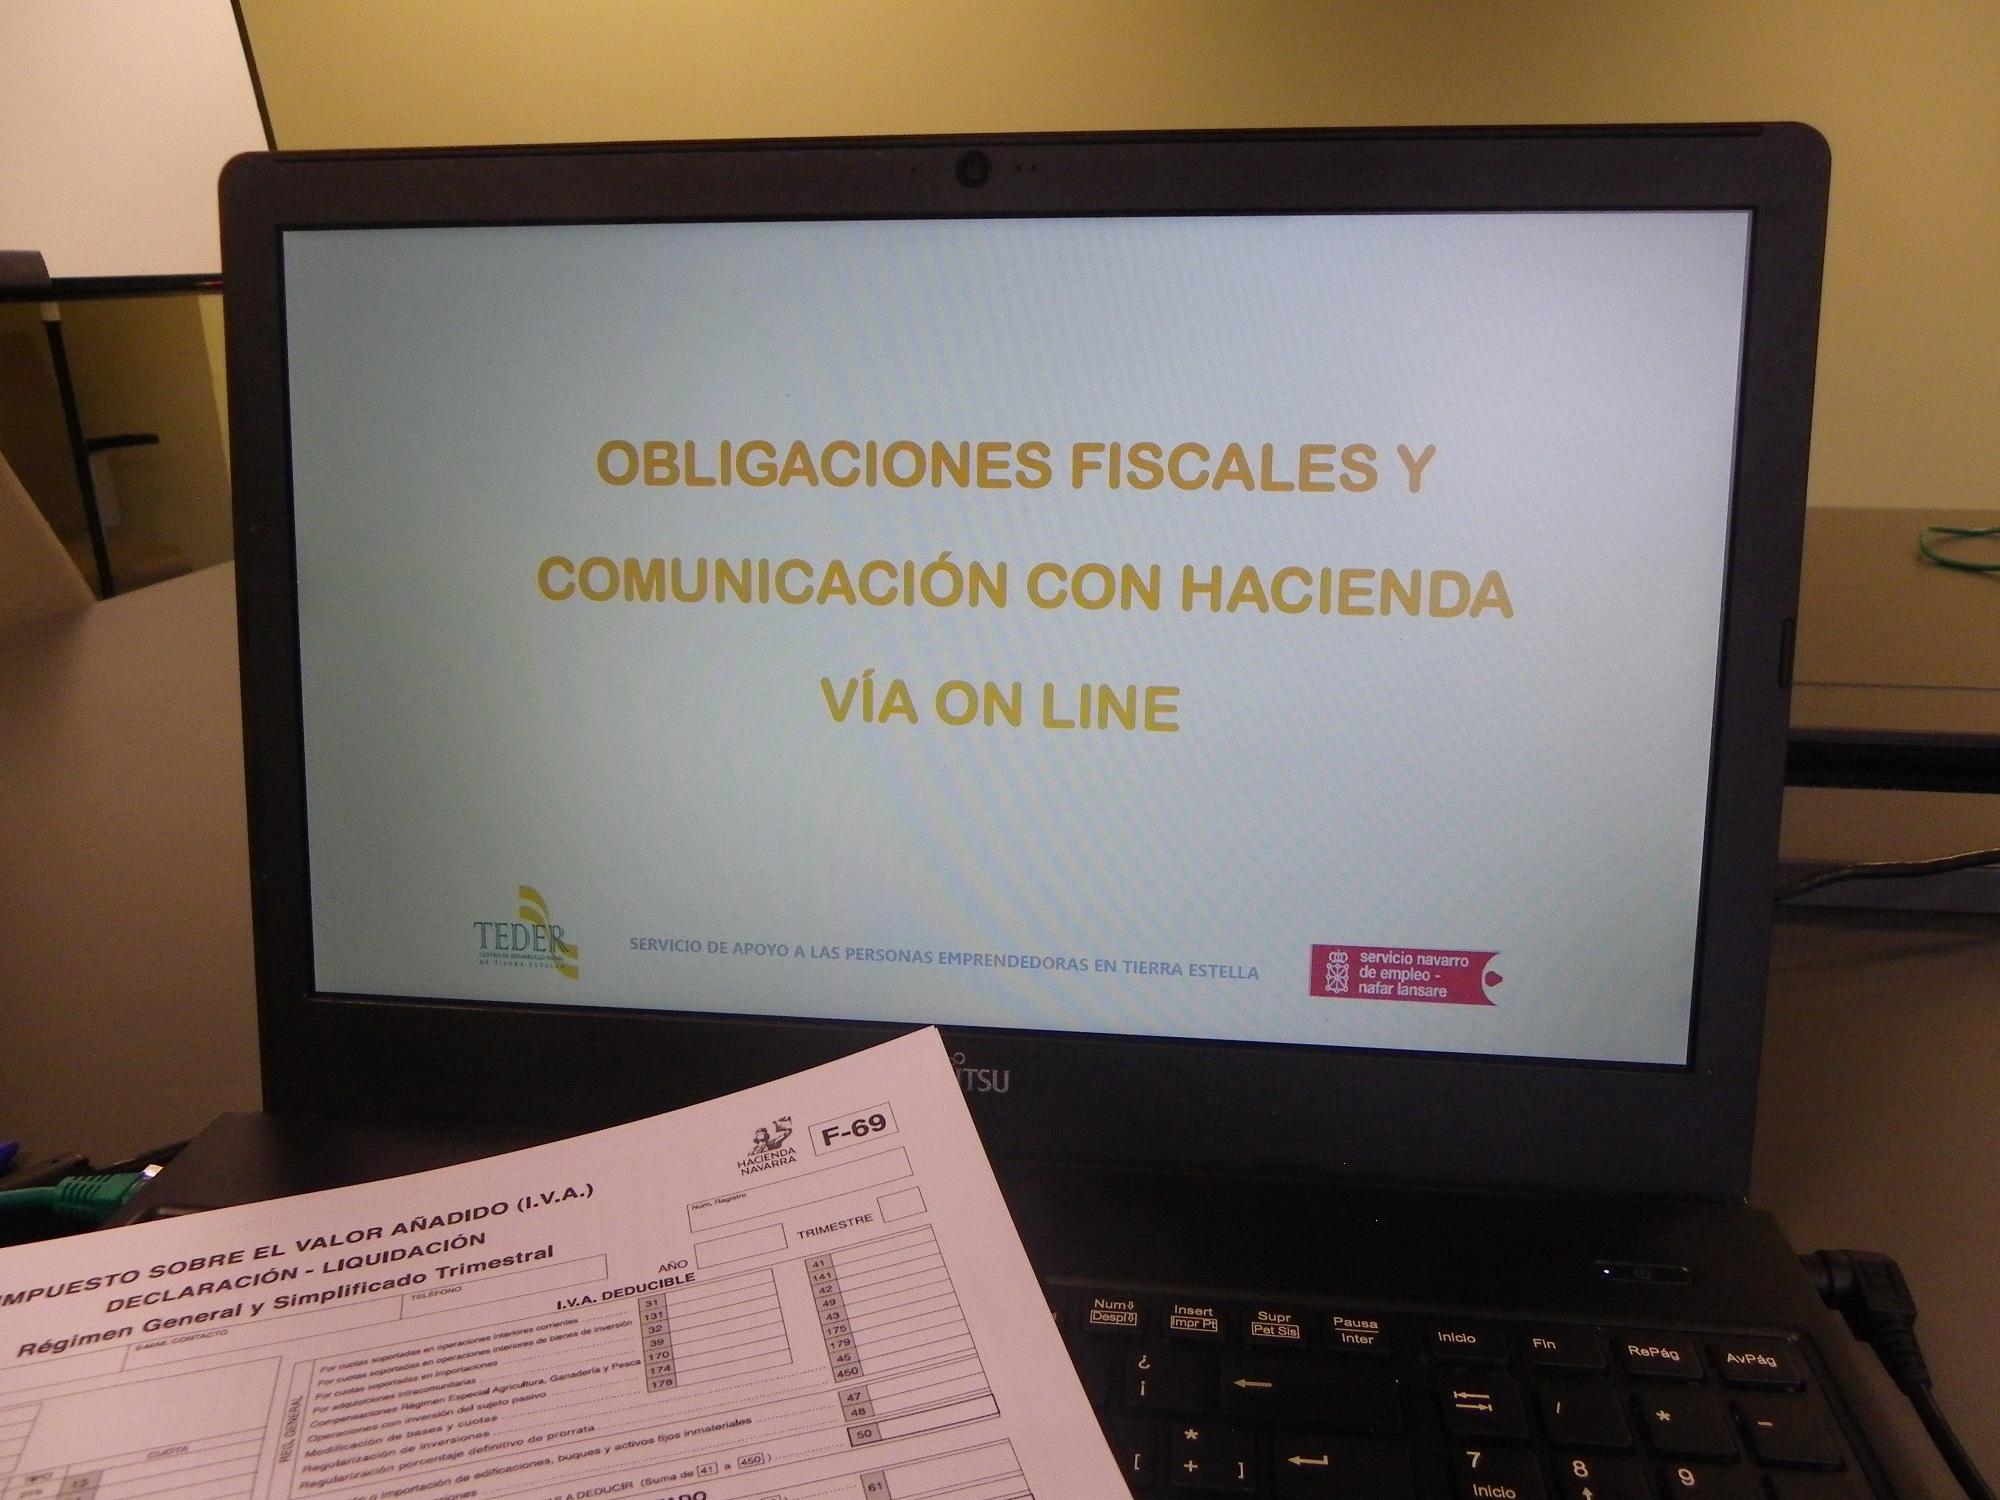 TRAMITACIÓN ELECTRÓNICA Y OBLIGACIONES FISCALES.- TIERRA ESTELLA